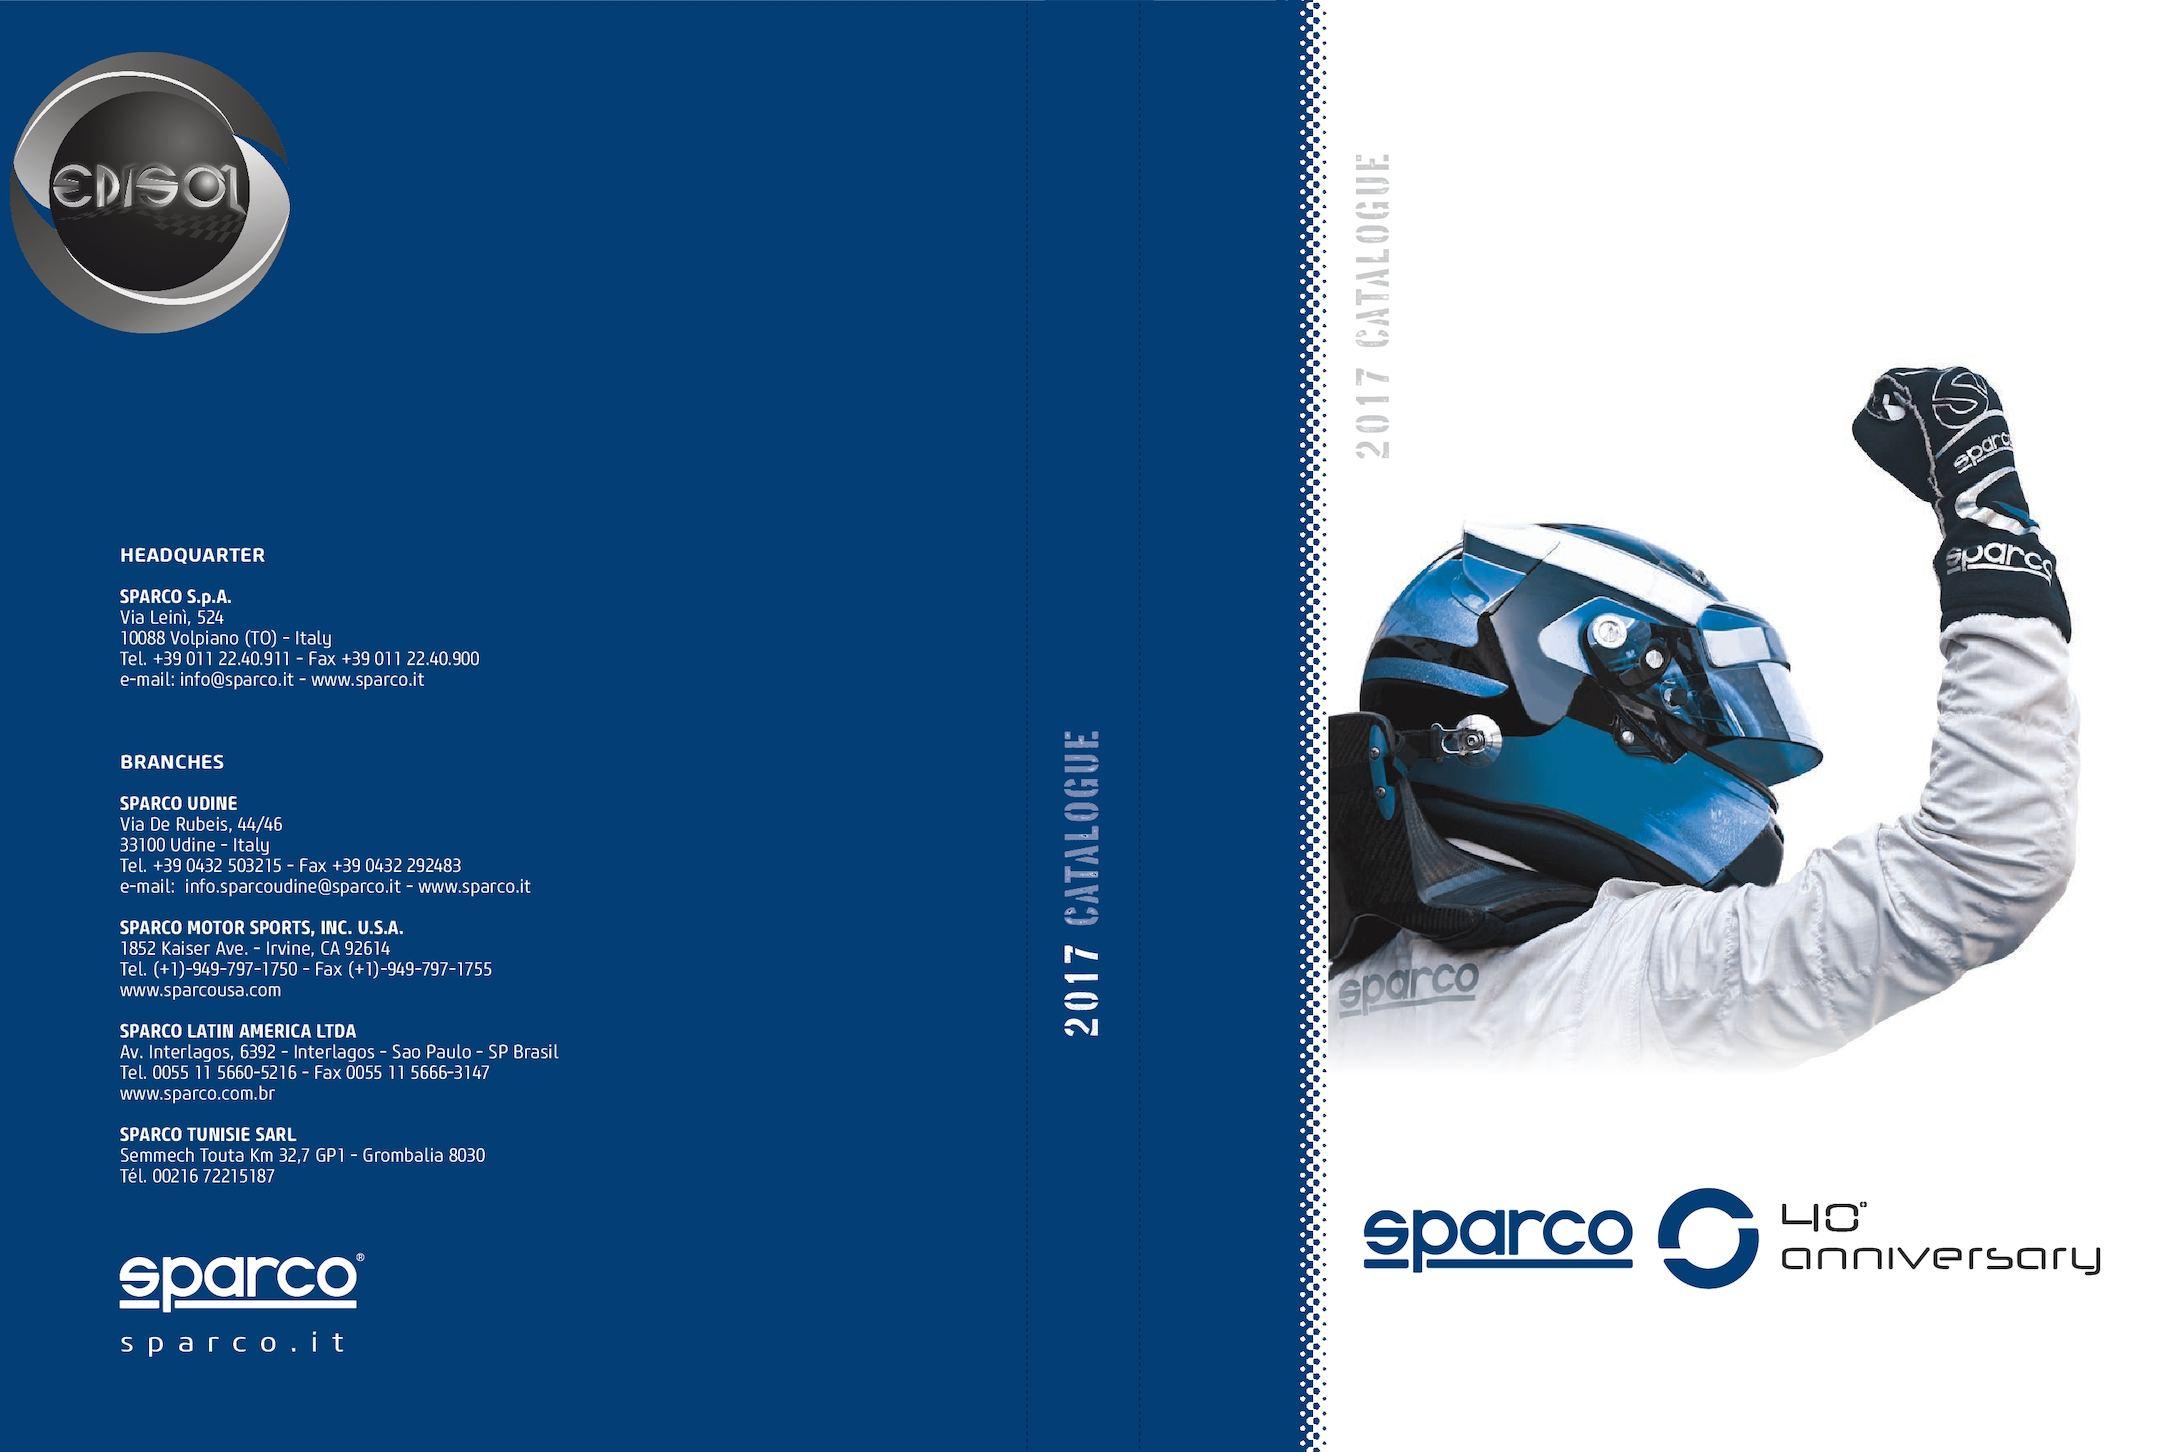 Prestige-Suela Super Comfort Memory Blue Nero (disponibilita') 37 iv3Fh1f